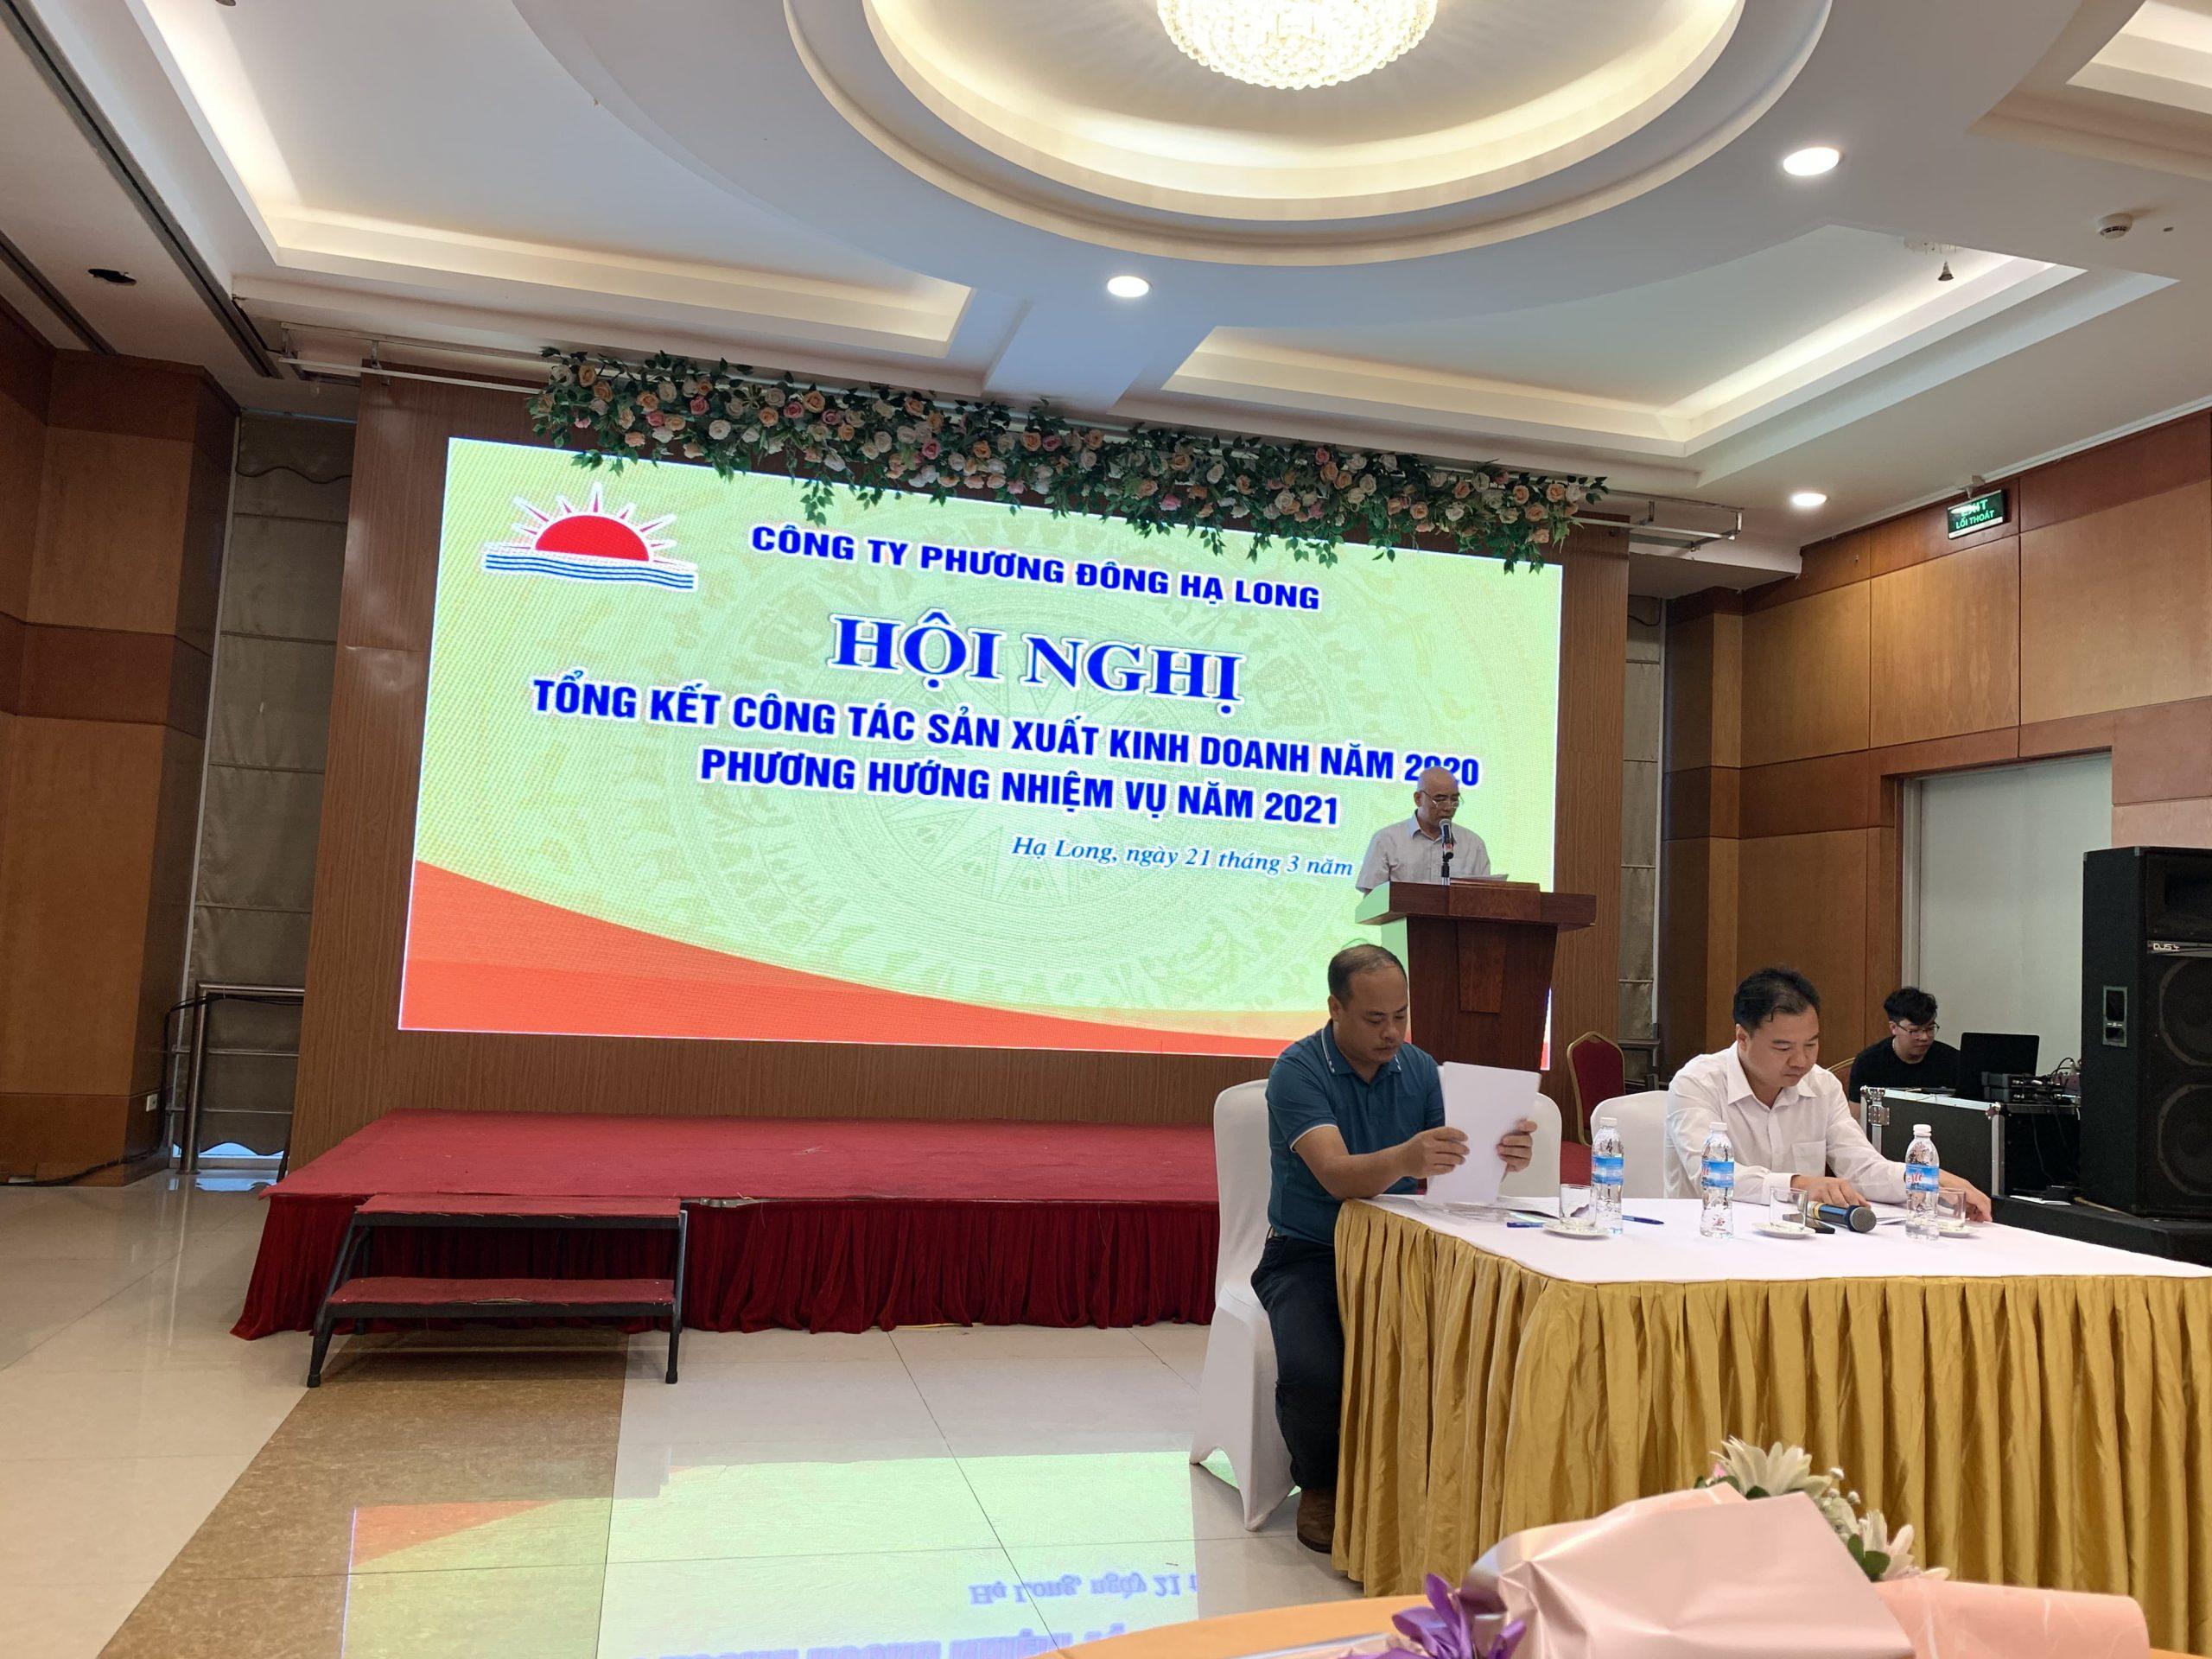 Ông Trịnh Văn Đông - Tổng Giám Đốc trình bày báo cáo kết quả SXKD năm 2020